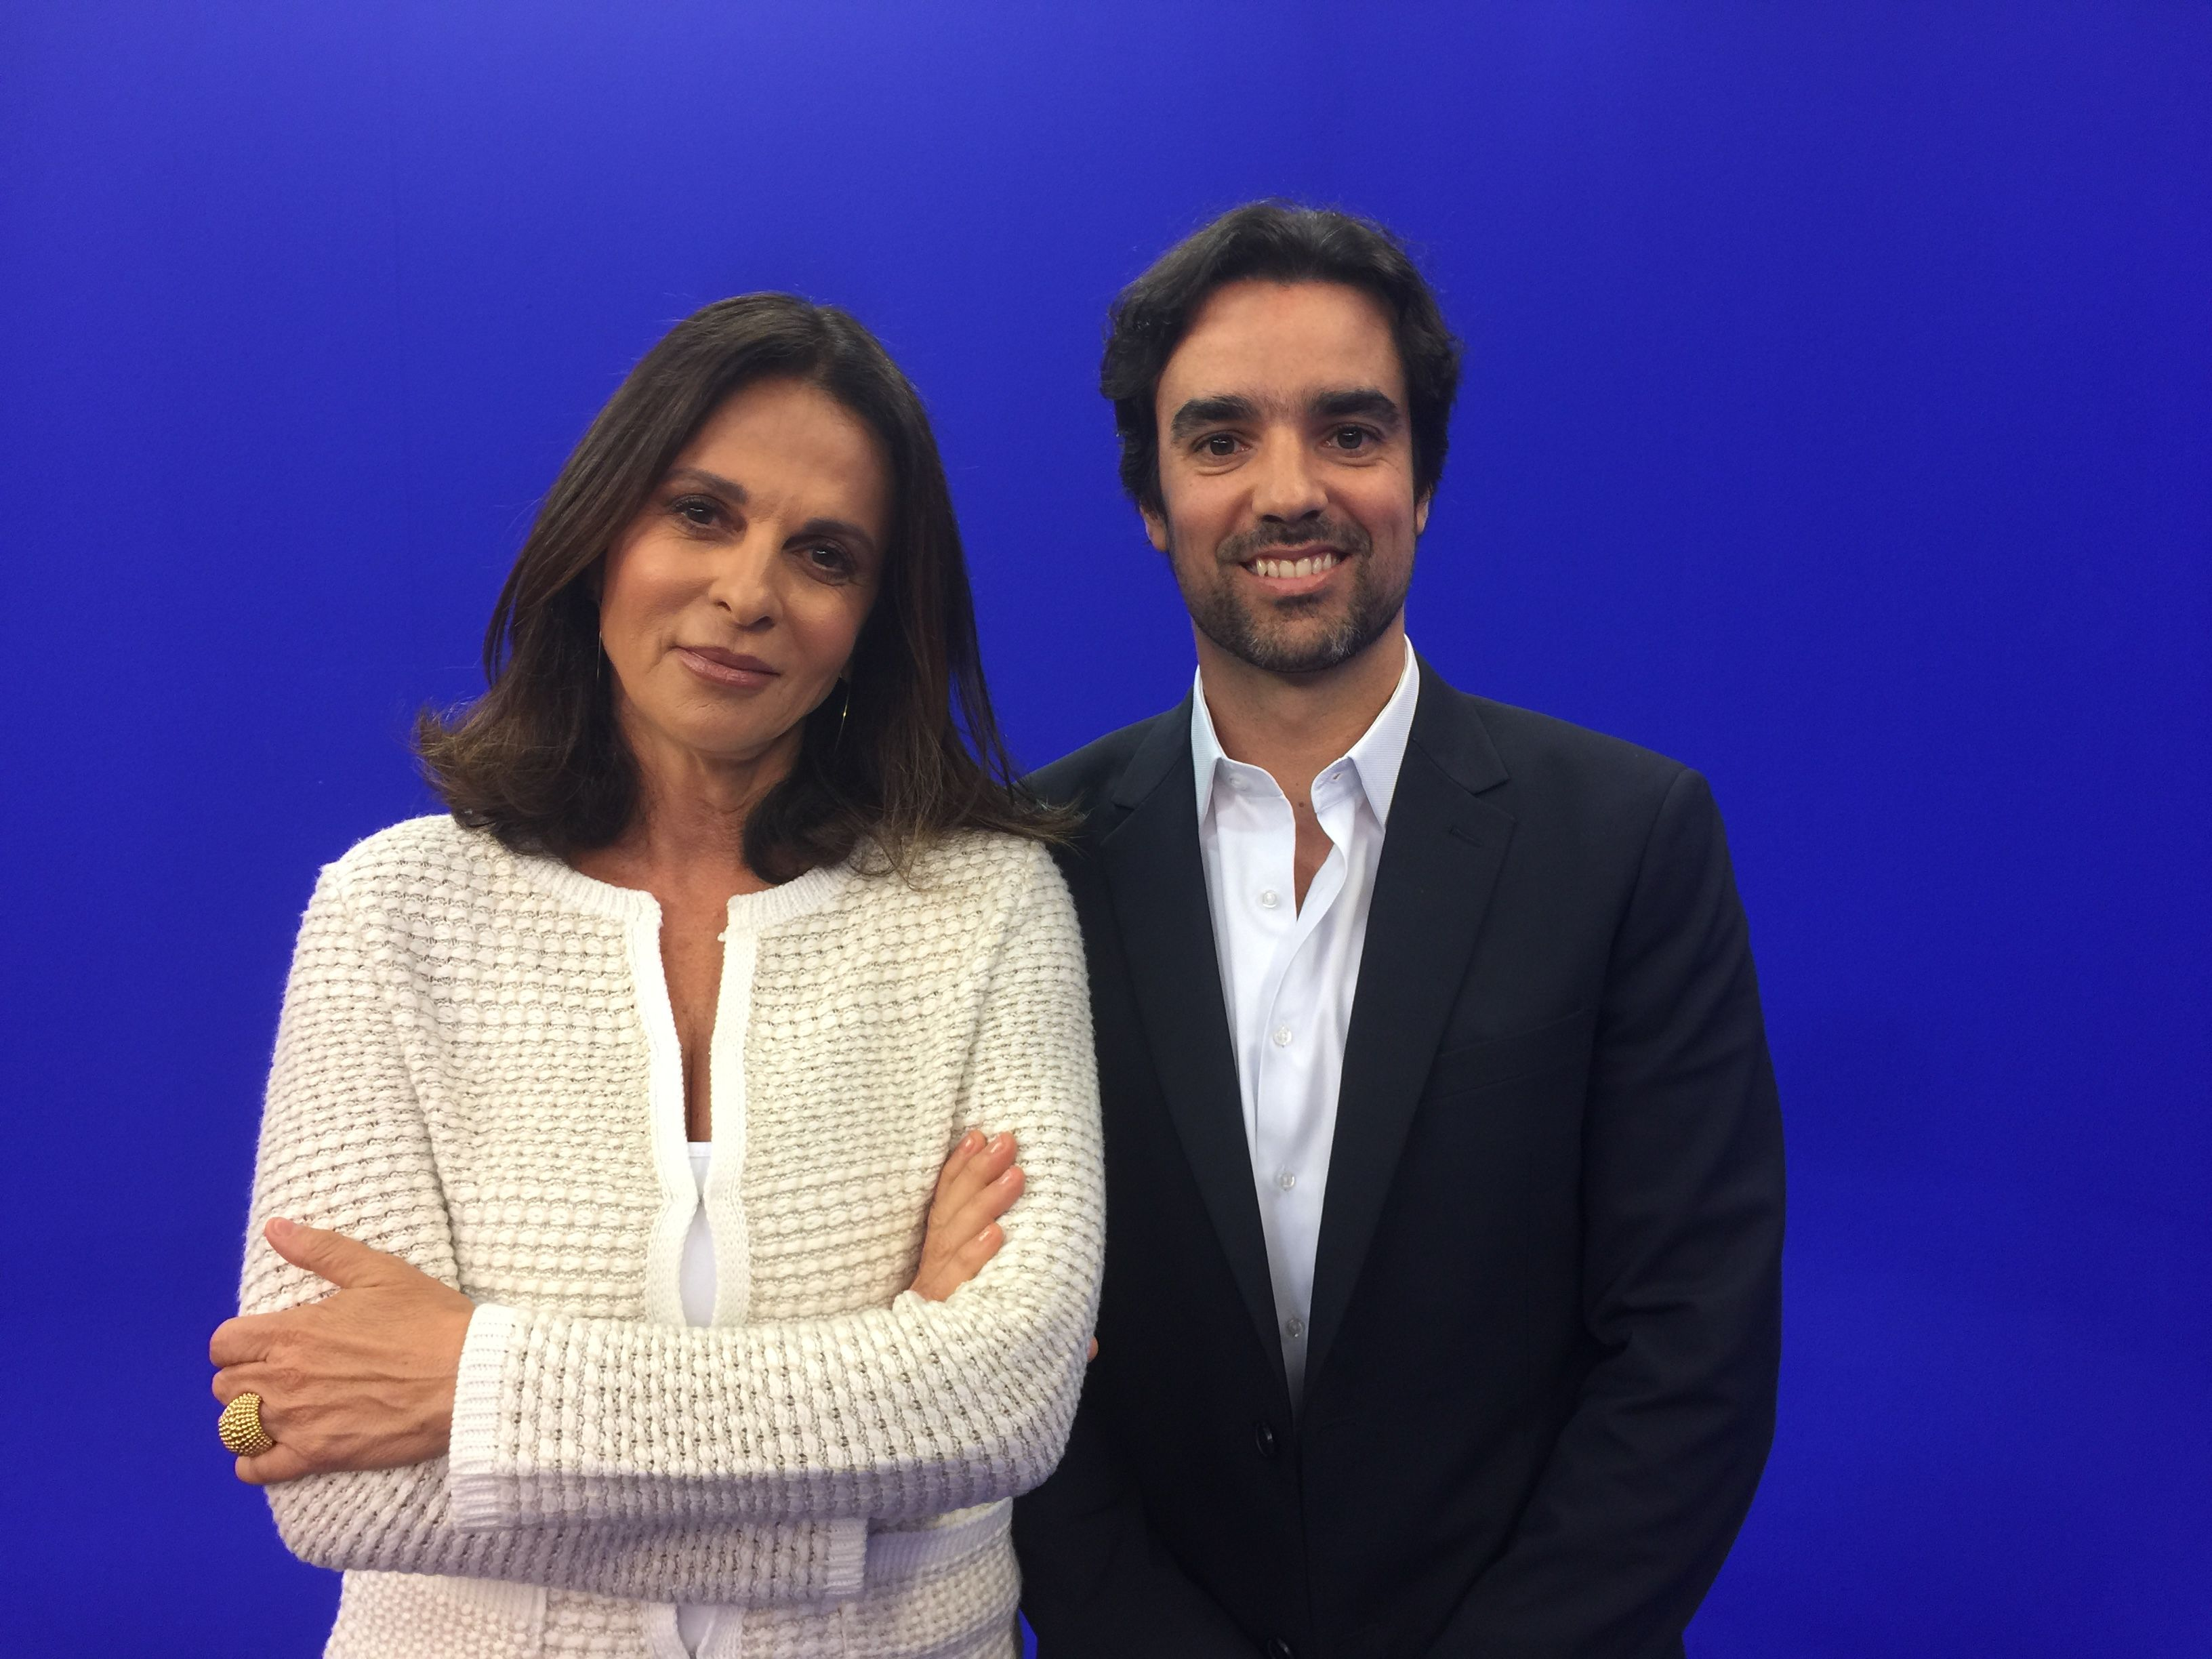 André Loureiro é o convidado da edição / Divulgação